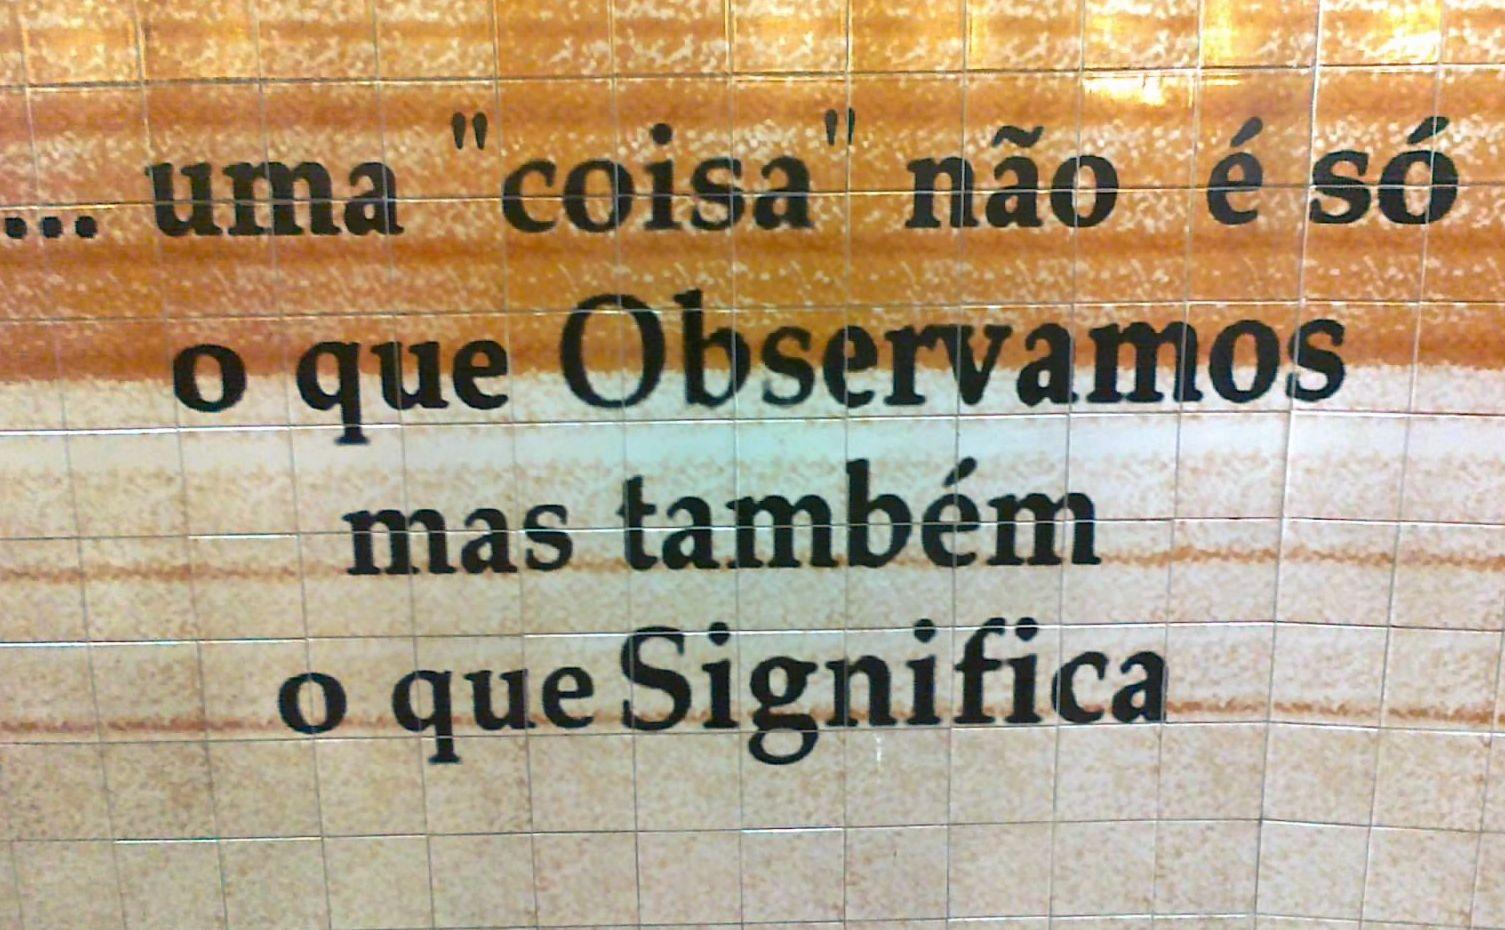 Faianță azulejos în stația de metrou Oliveiras, Lisboa